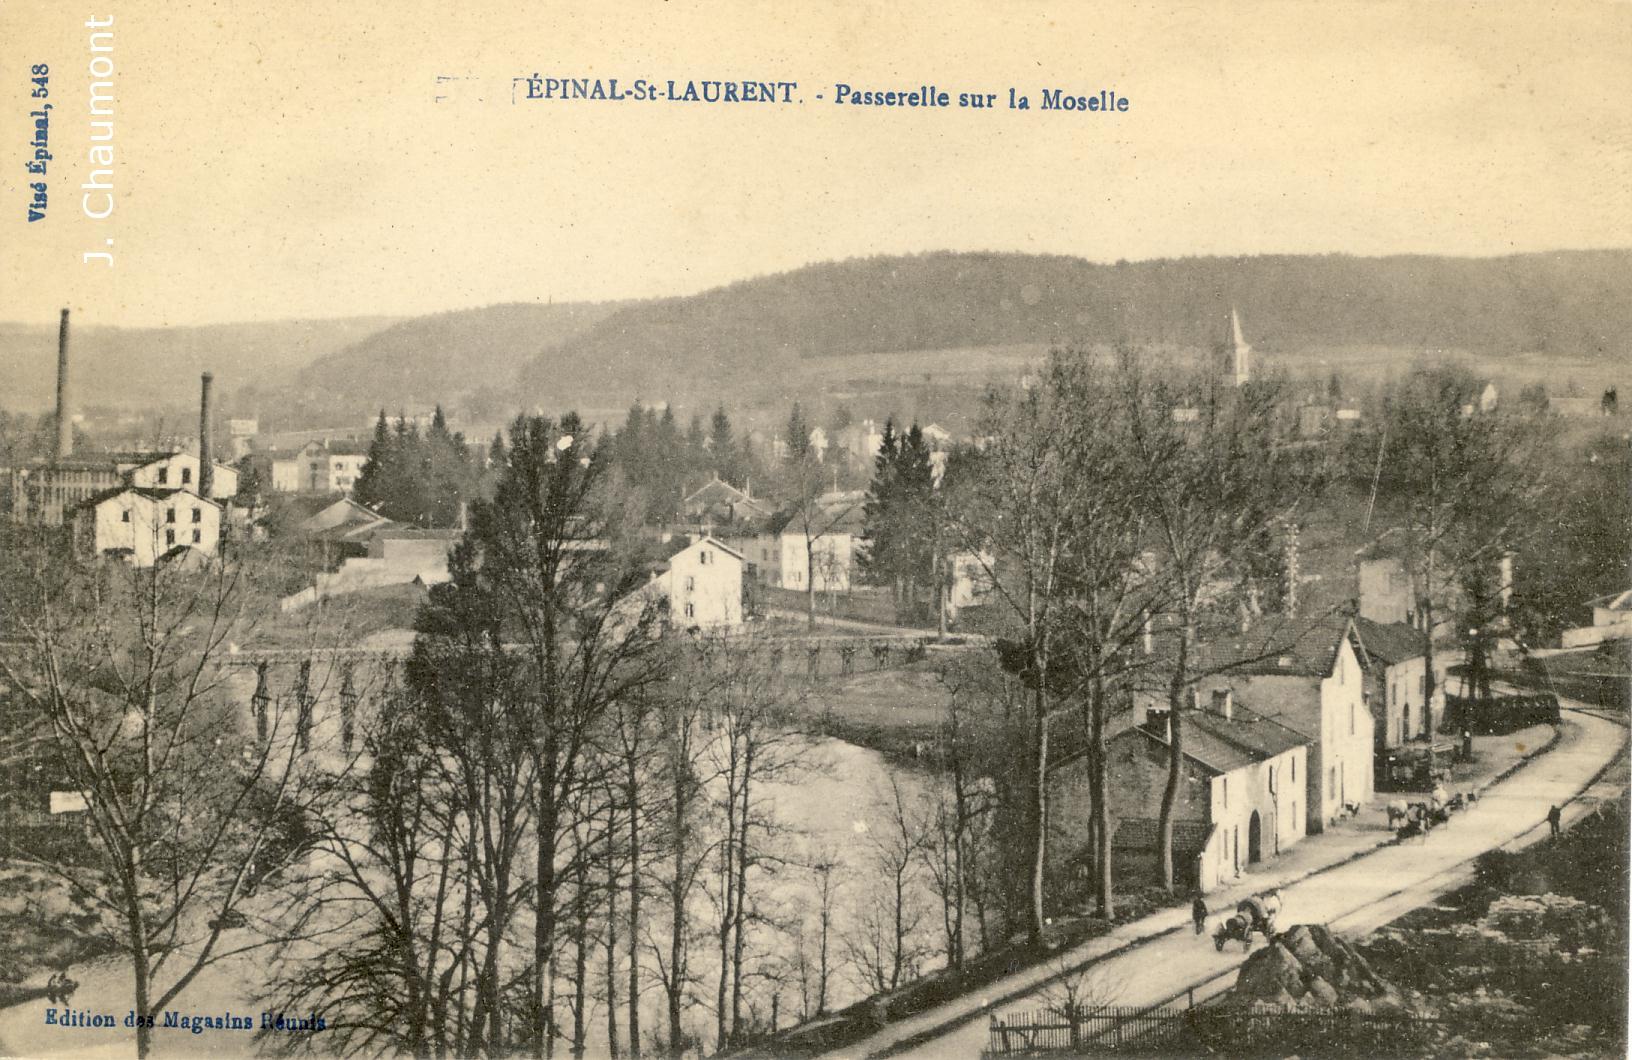 Passerelle sur la Moselle